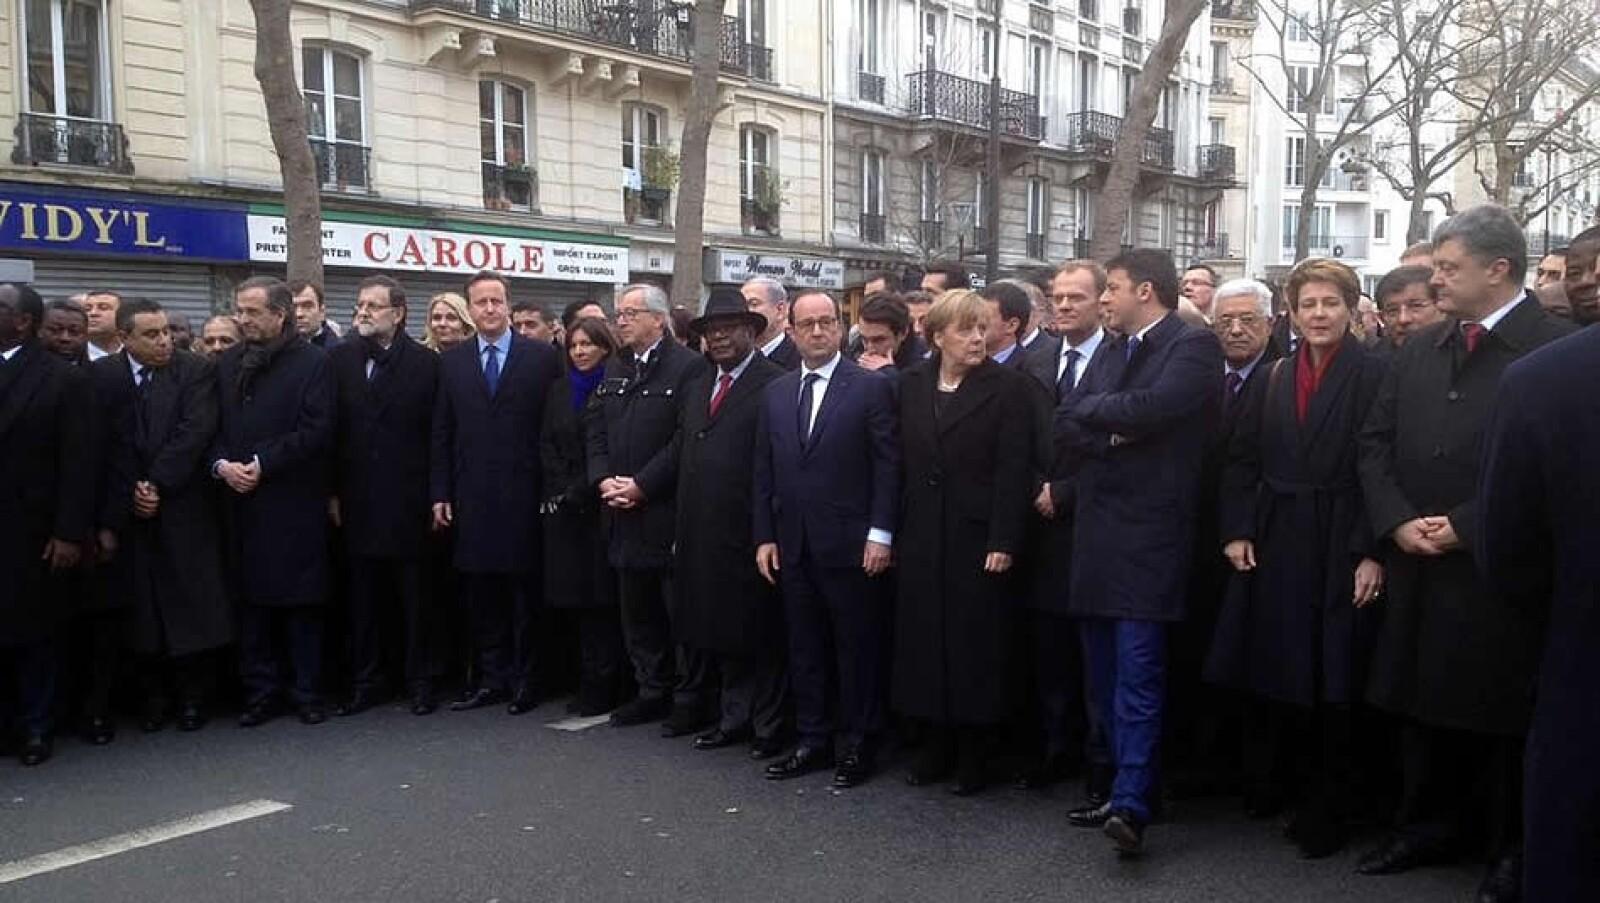 Lideres marcha republicana Charlie Hebdo